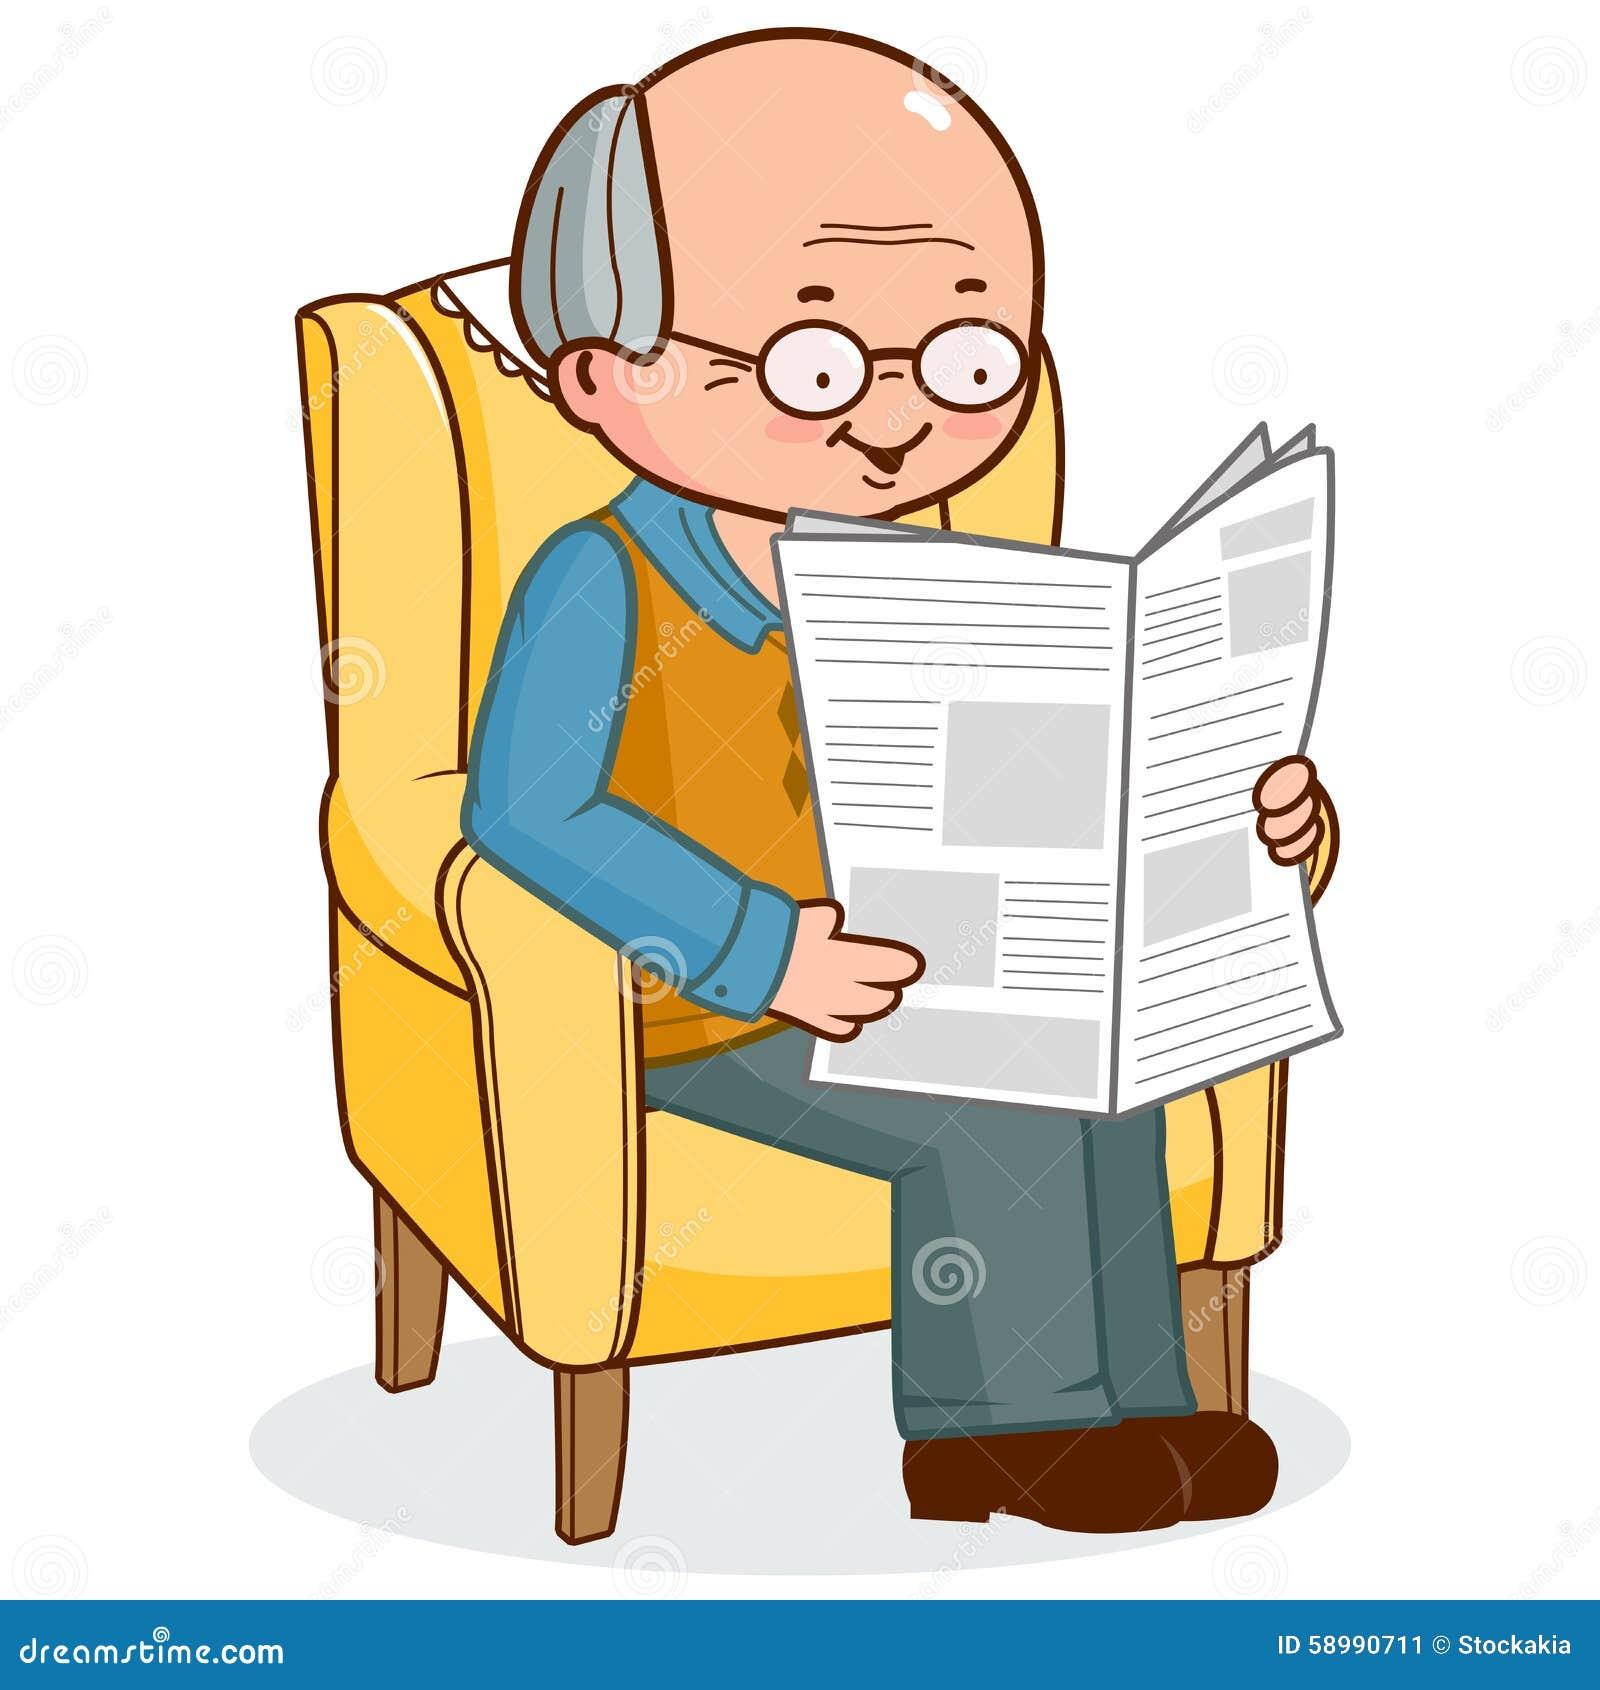 Nonno In Poltrona.Uomo Anziano Che Si Siede In Poltrona Che Legge Le Notizie